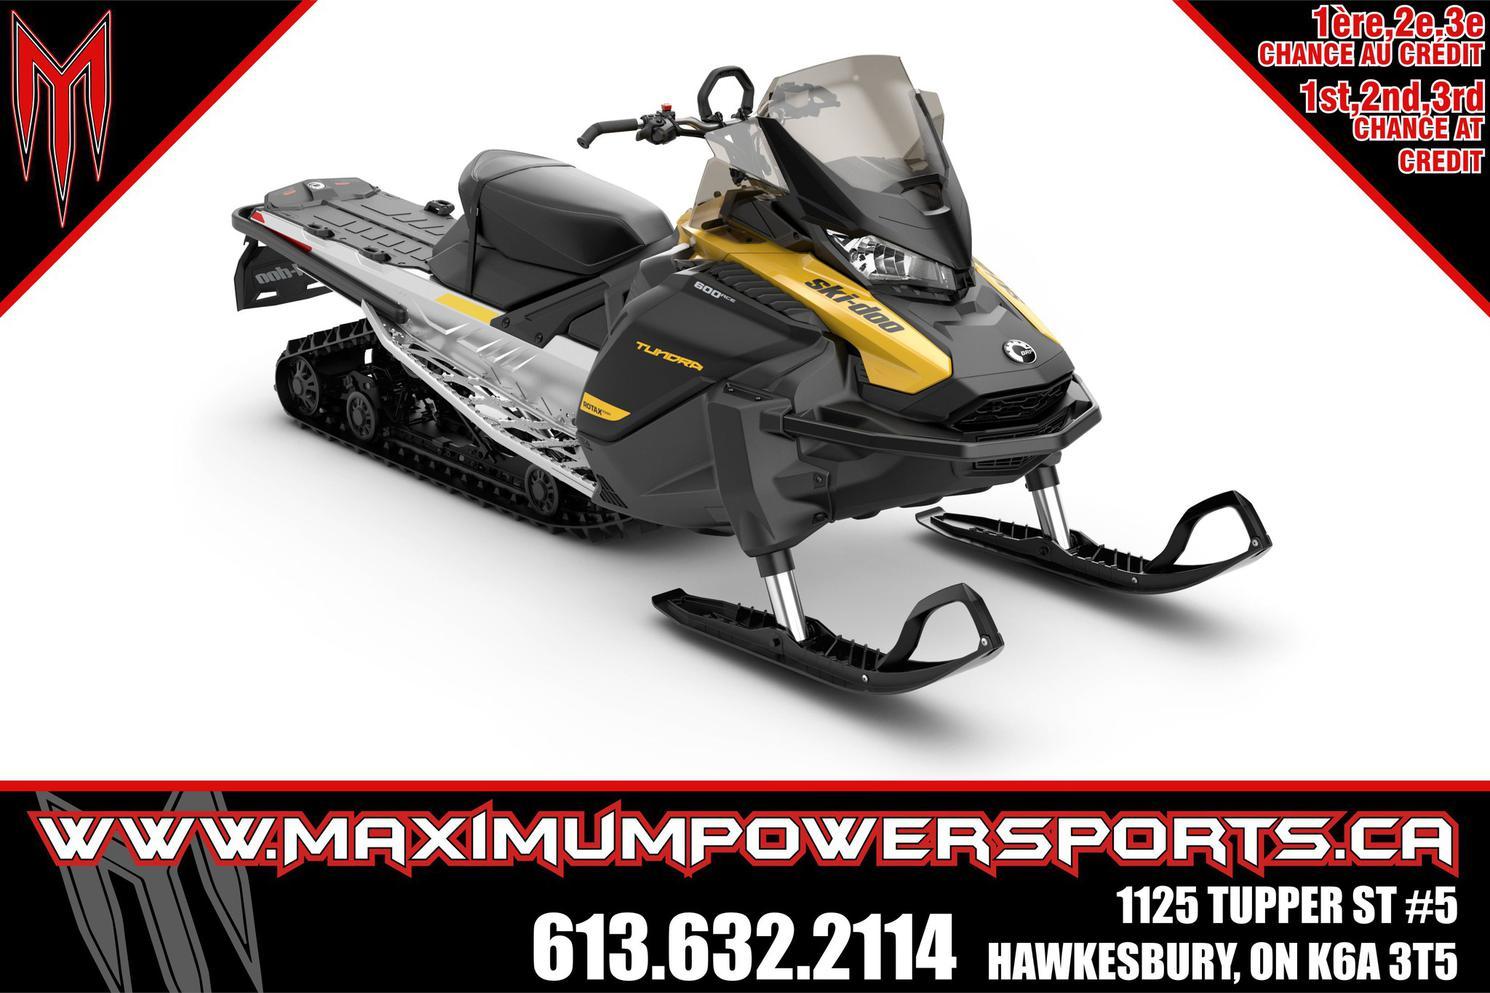 2022 Ski-Doo TUNDRA - TUNDRA LT 600 ACE E.S. (REV-XU) CHARGER 1.5